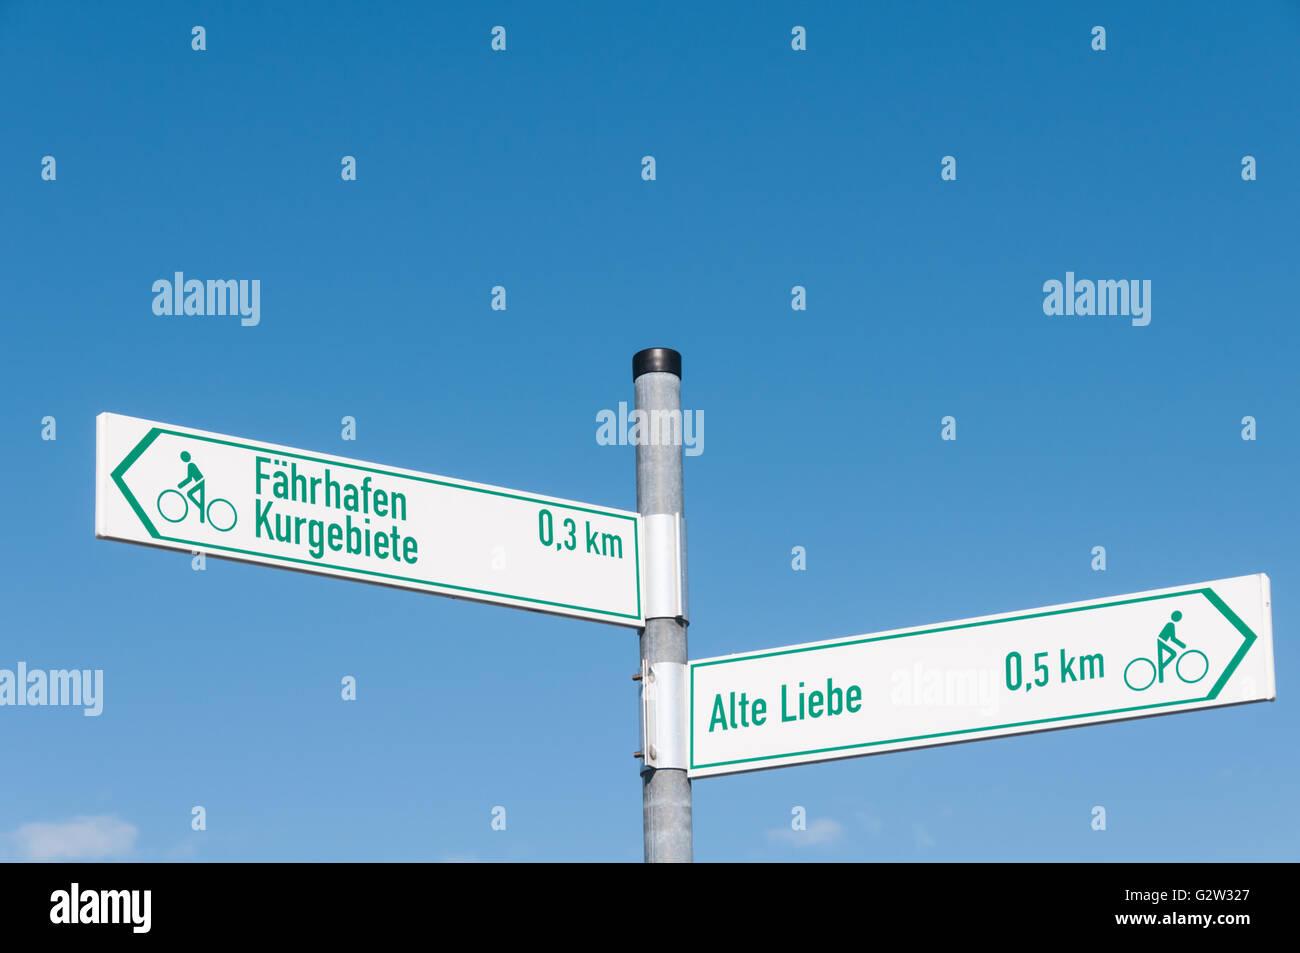 Signs Alte Liebe Faehrhafen - Stock Image